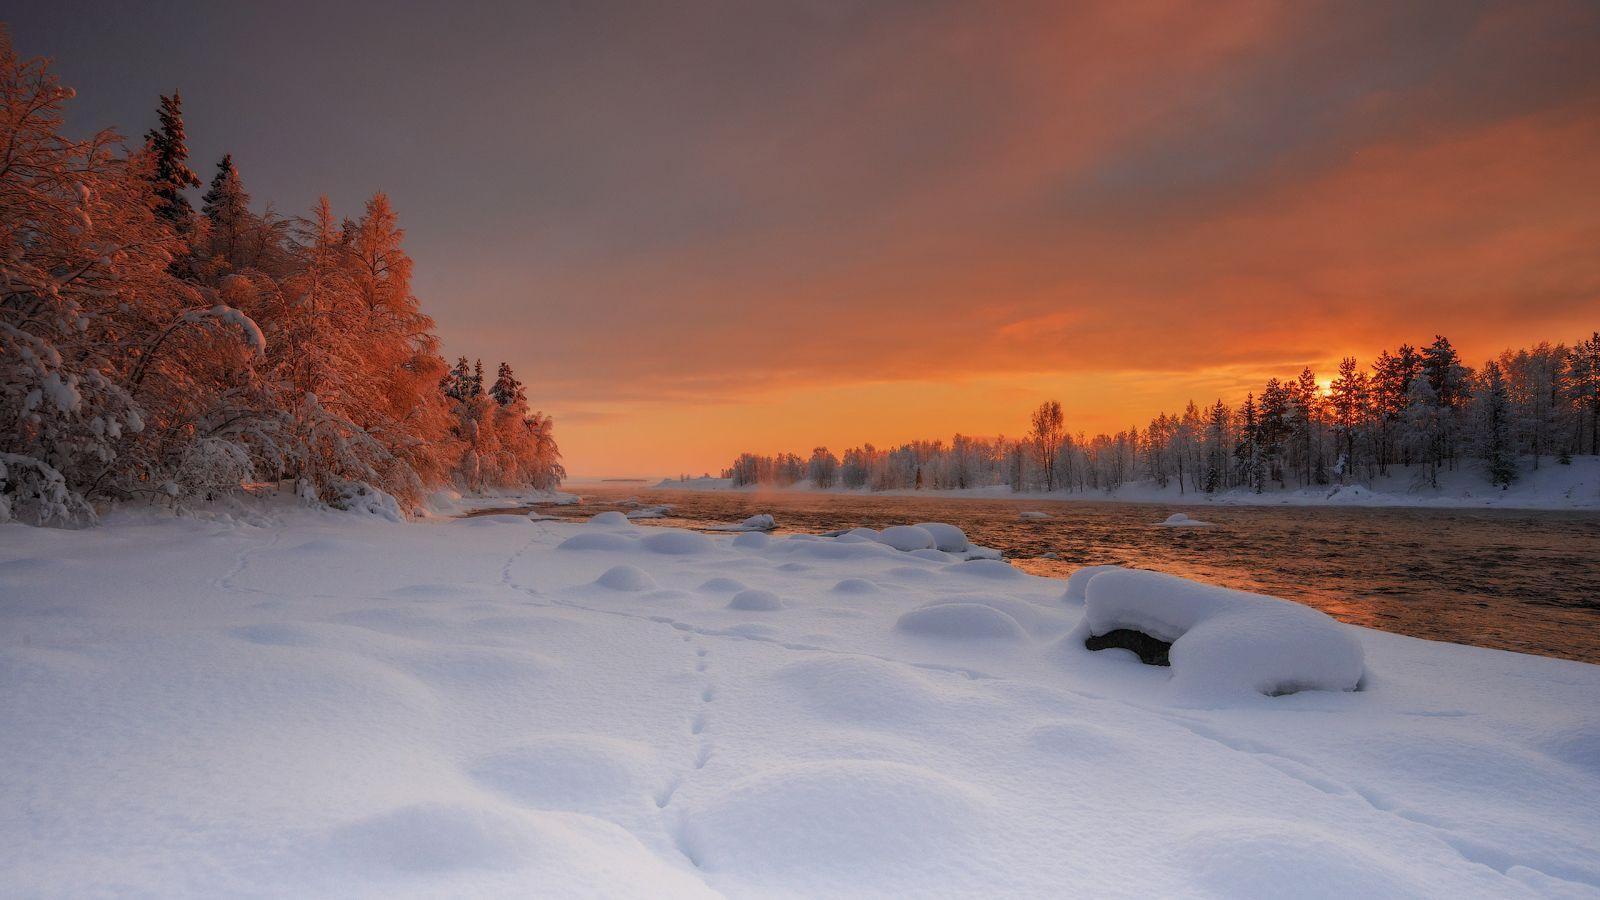 пейзаж север зима фото команда